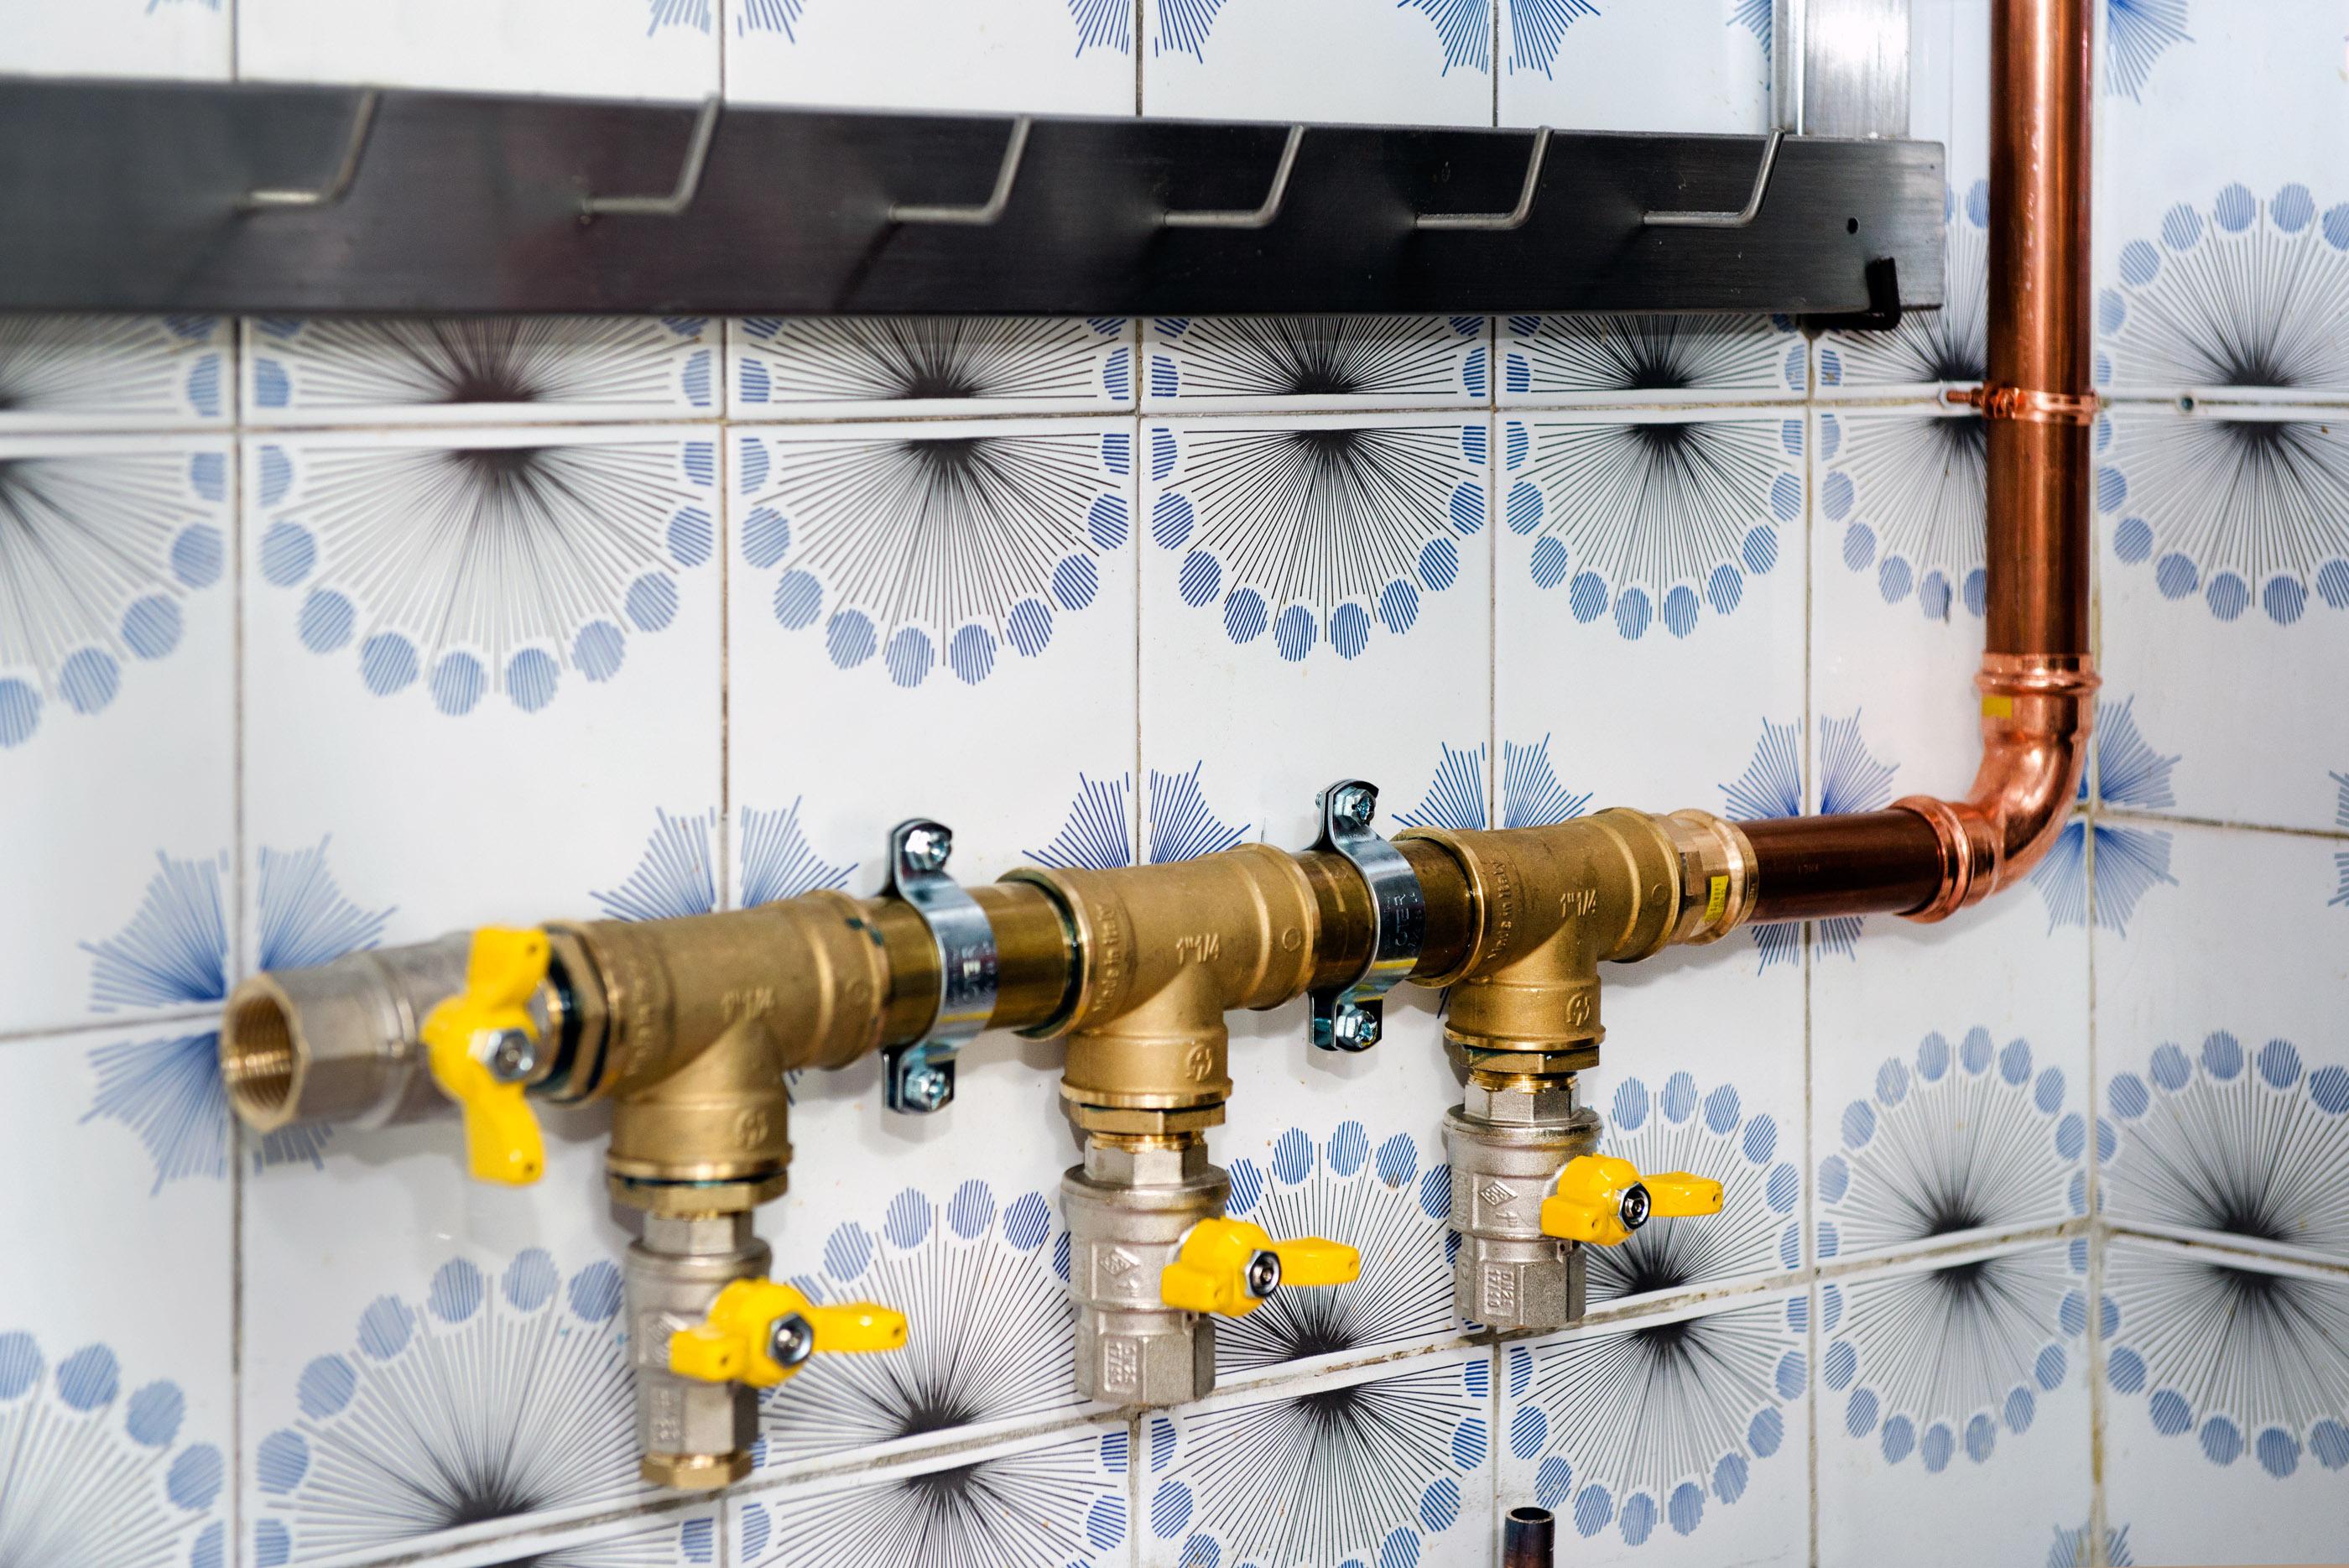 Impianto gas pressfitting per il ristorante gt il - Impianto gas casa ...